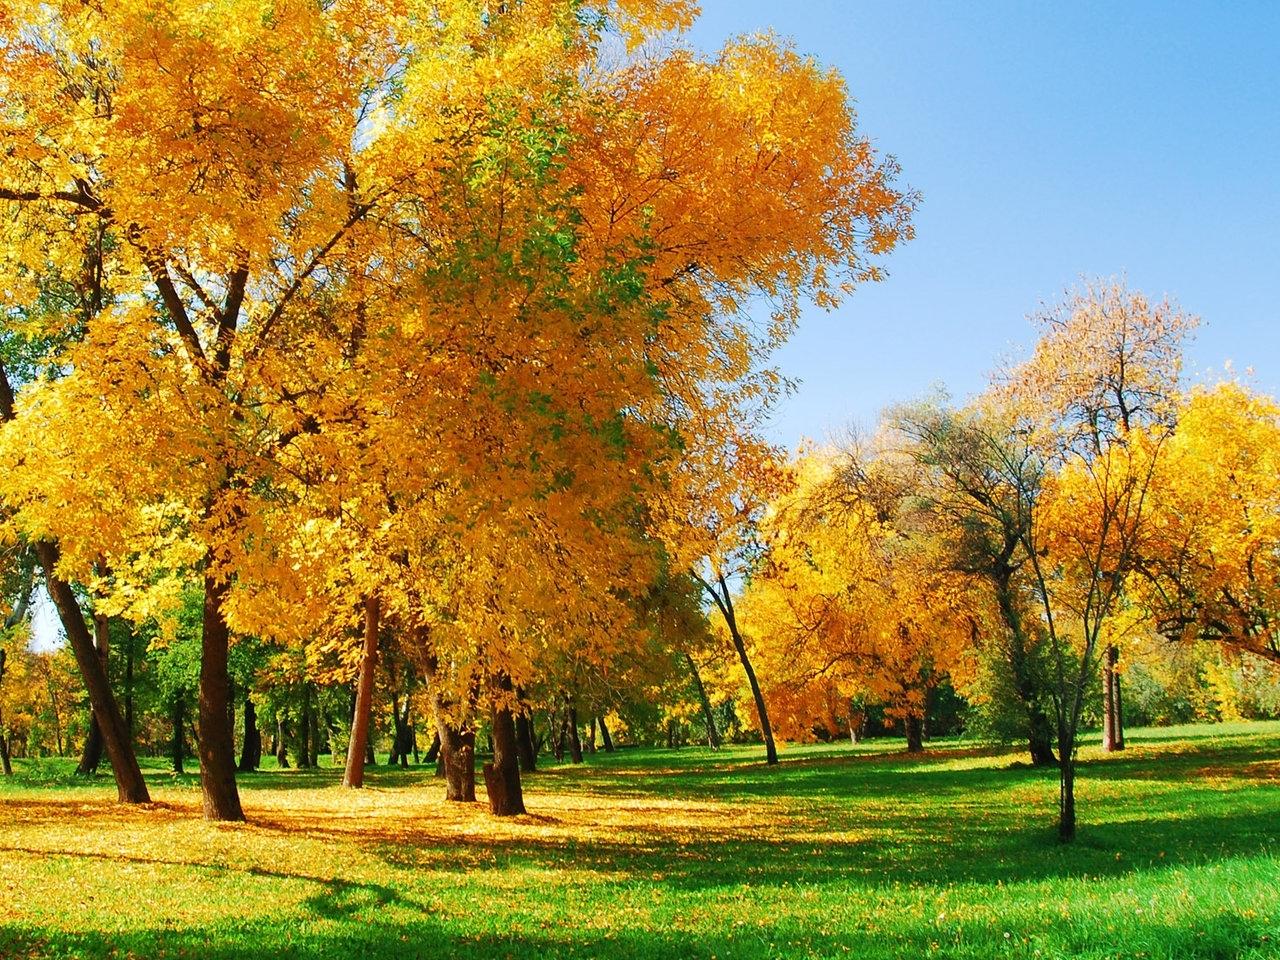 50218 скачать обои Пейзаж, Природа, Деревья, Осень - заставки и картинки бесплатно